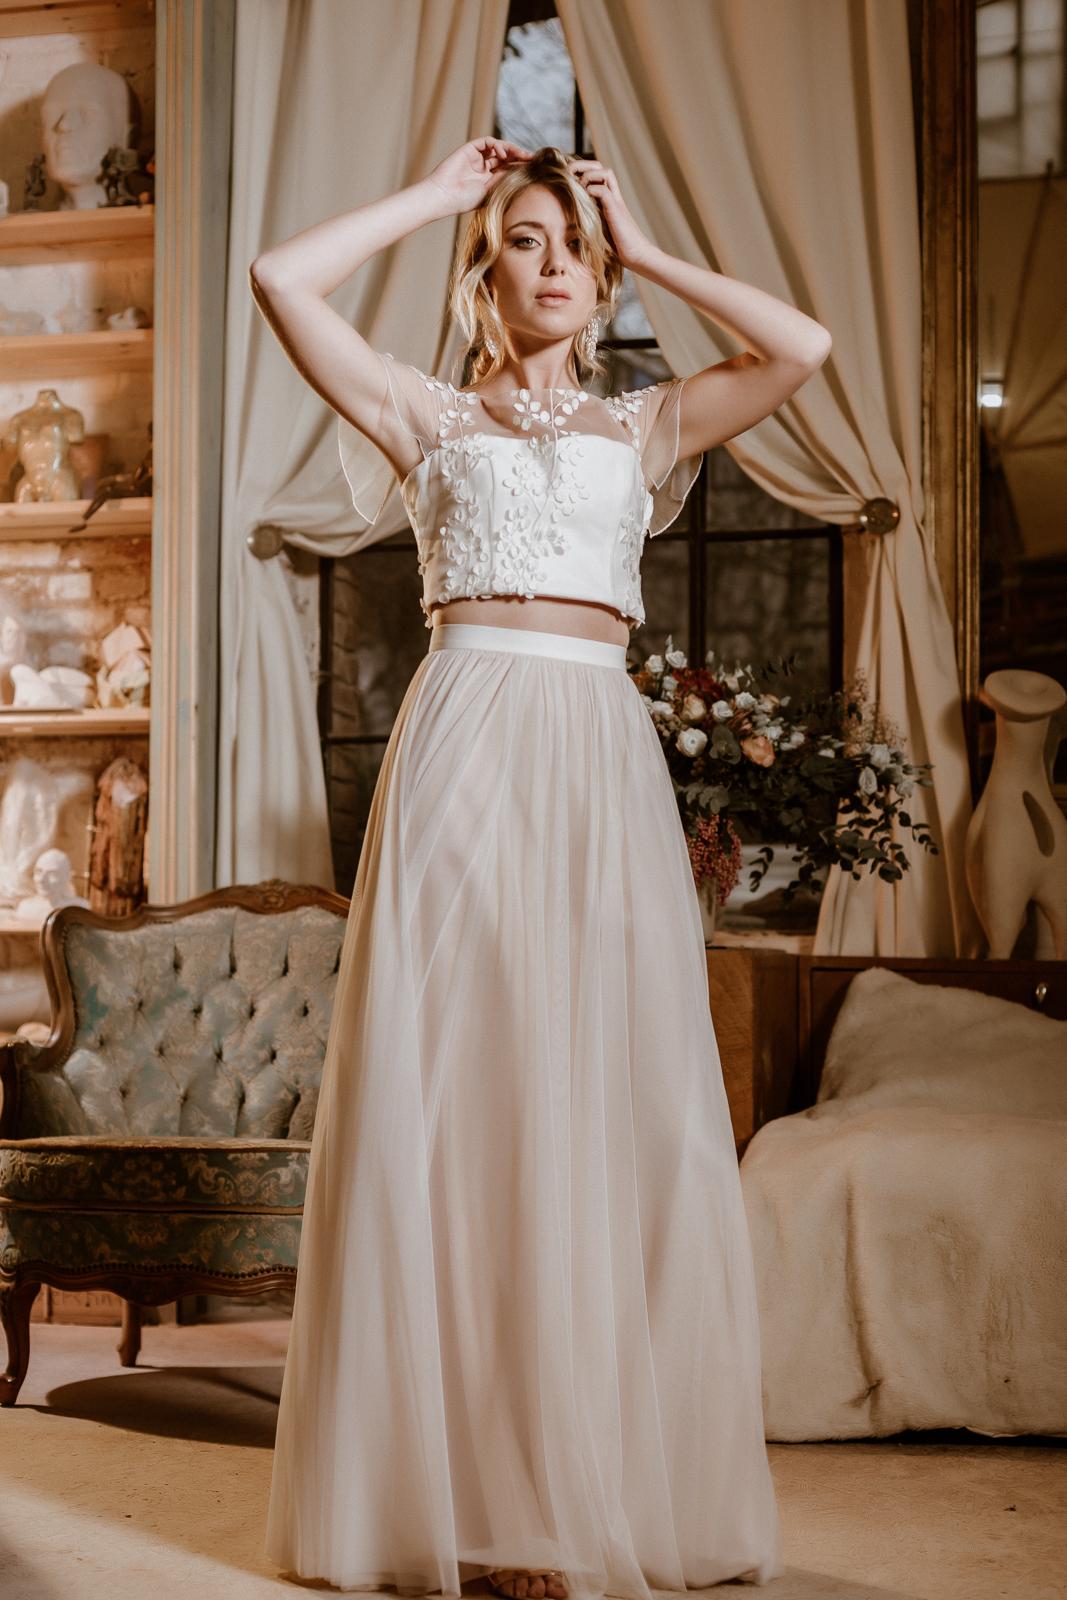 noni Jubiläumskollektion | Brautkleid mit Croptop aus 3D-Spitze und Tüllrock in Ivory-Blush, Frontalansicht, Ganzkörperbild (Foto: Le Hai Linh)